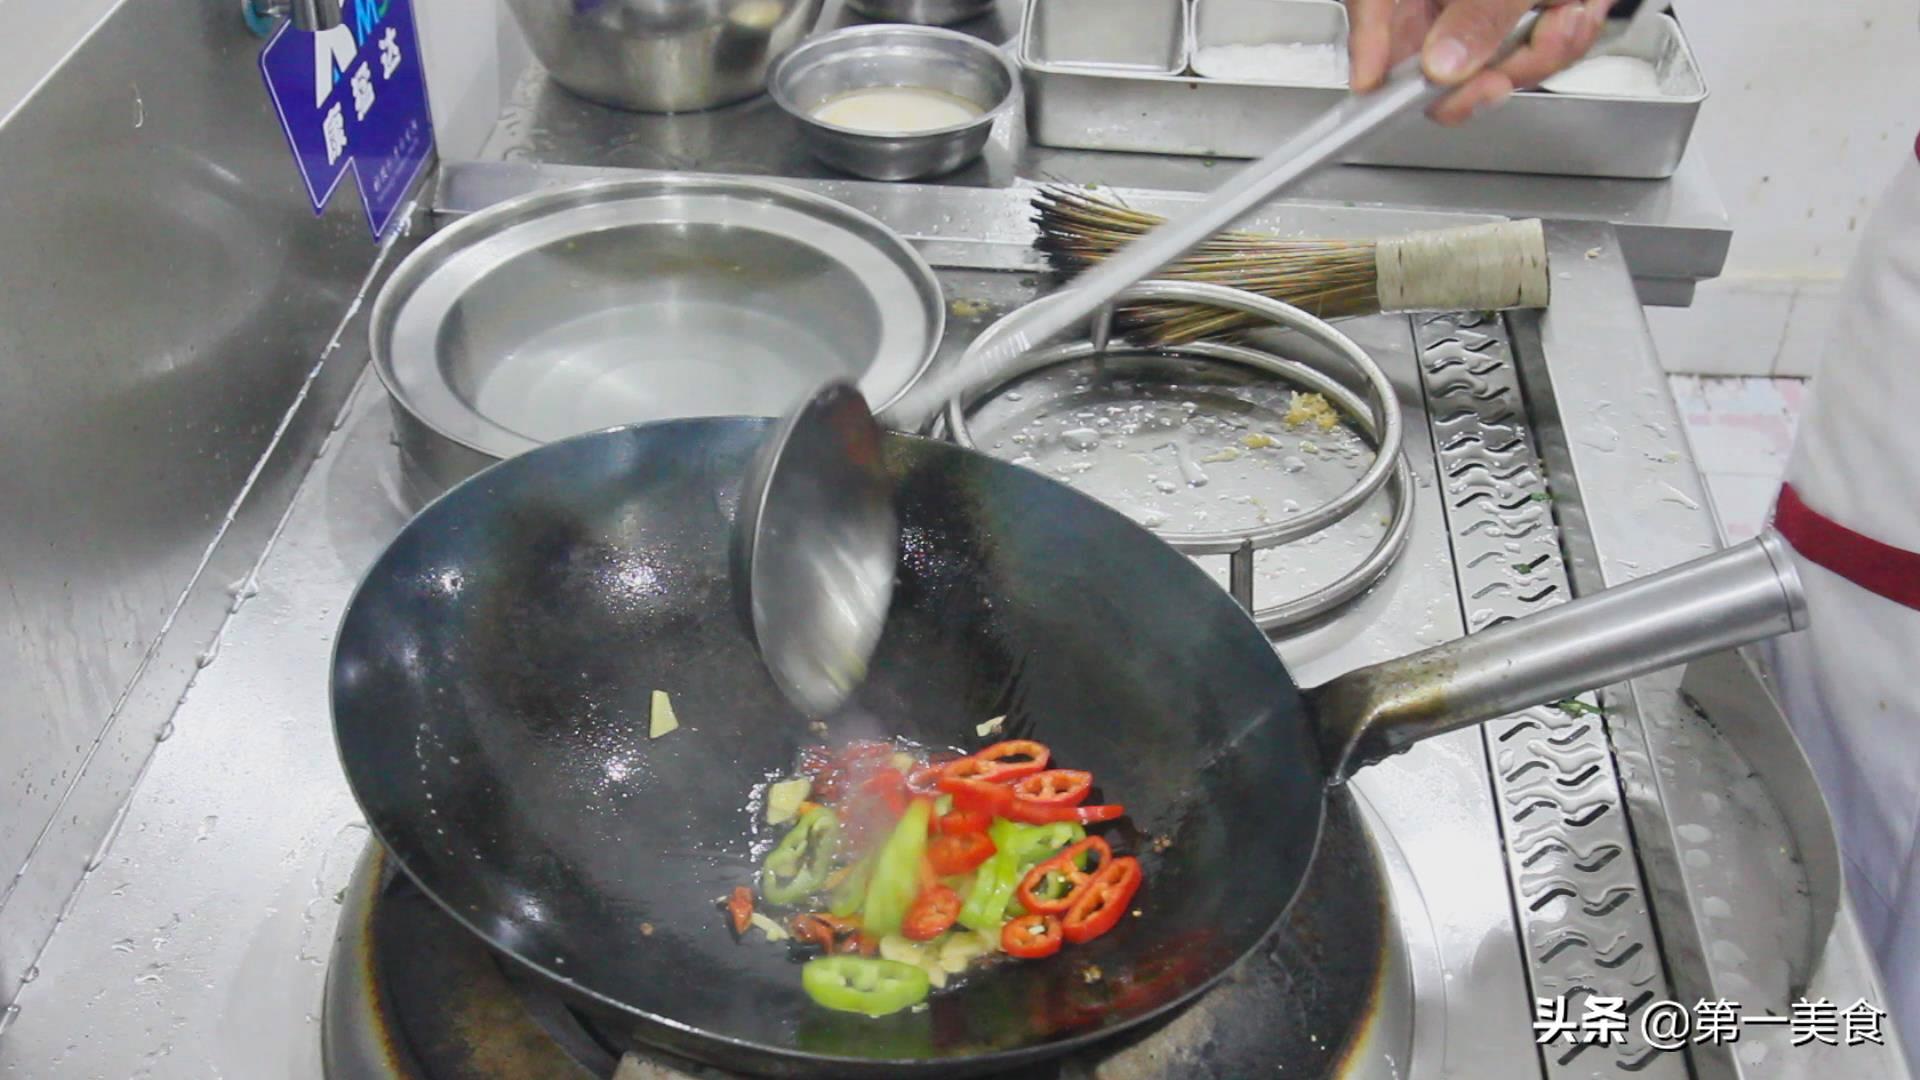 教你香辣虾家常做法,味道麻辣鲜香,步骤详细,超级下饭 美食做法 第6张